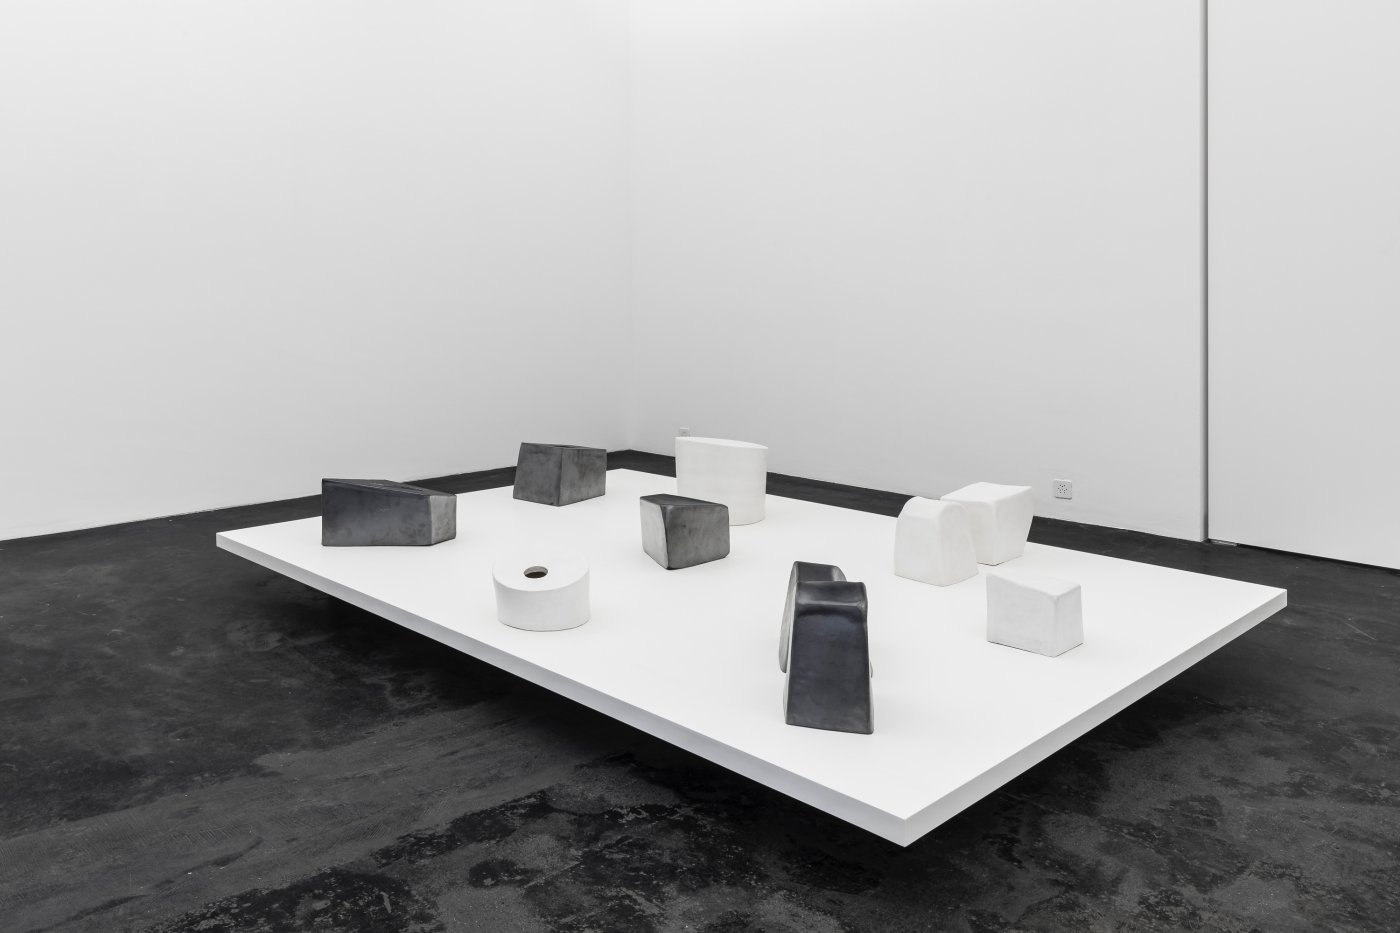 Hausler Contemporary Sebastien de Ganay 4